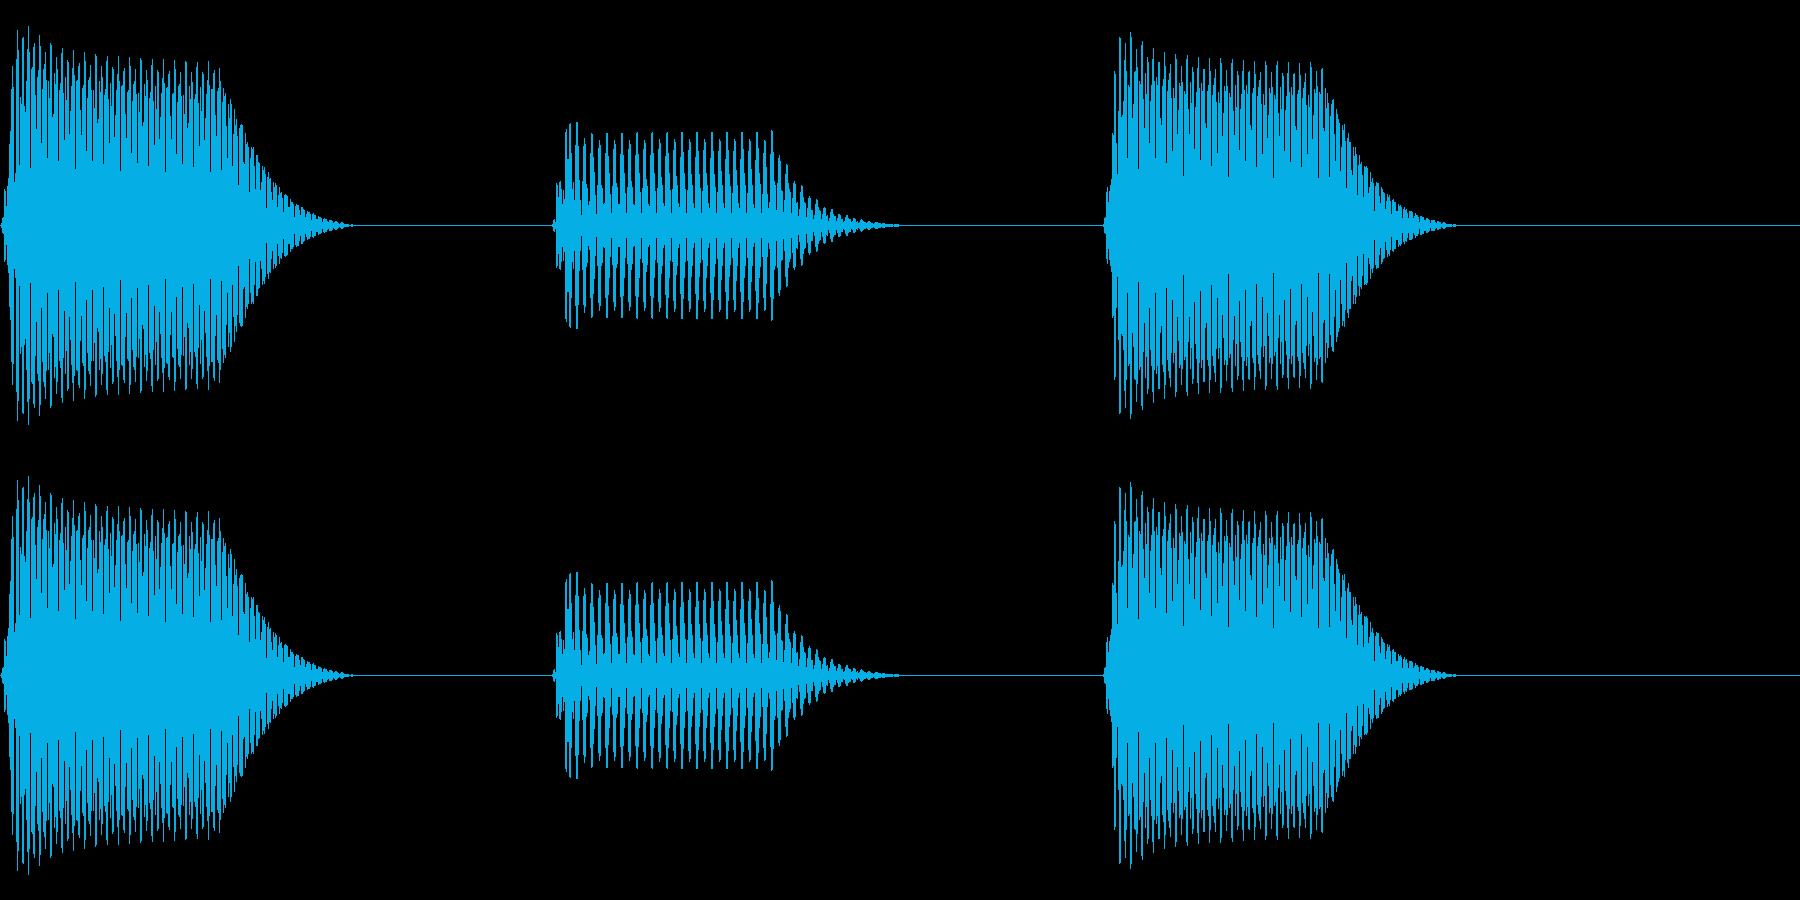 往年のRPG風 コマンド音 シリーズ13の再生済みの波形